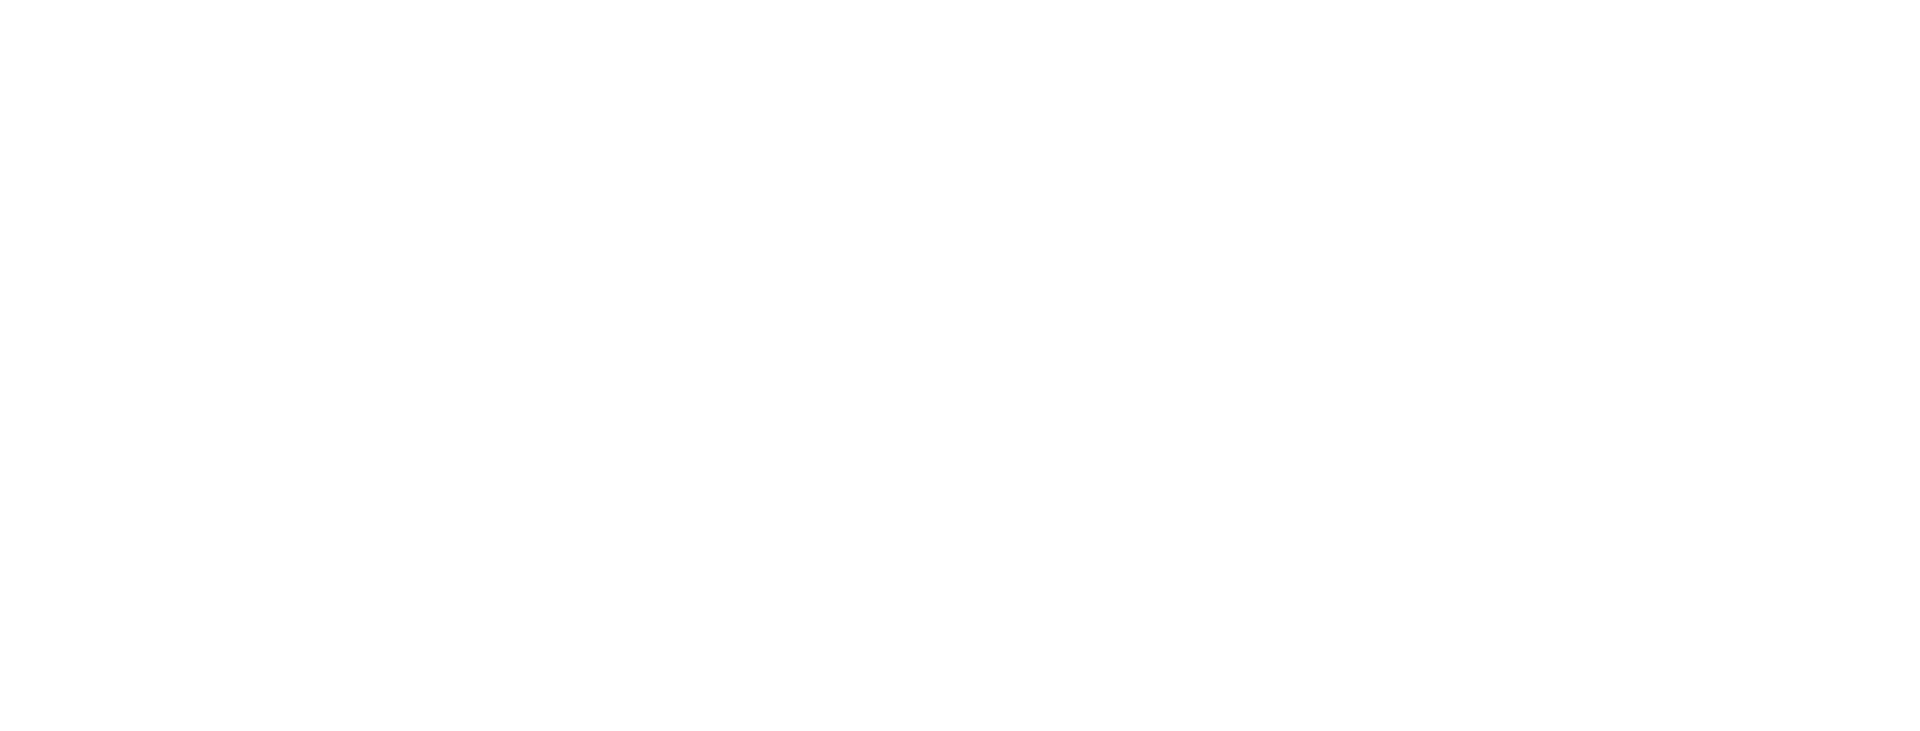 cko_logo